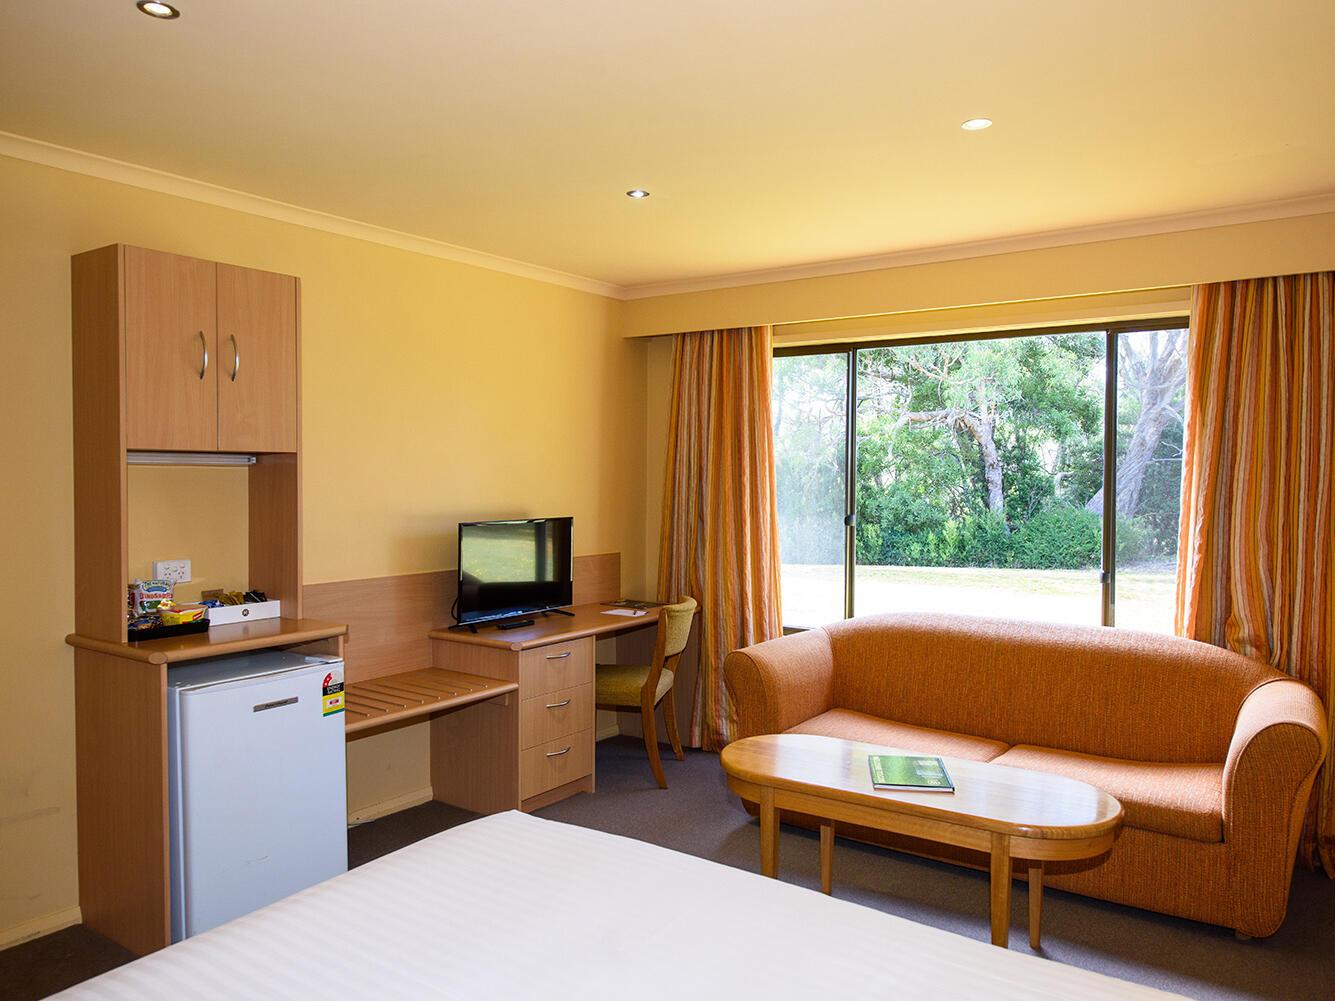 Furniture at Hilltop Standard Room in Strahan Village